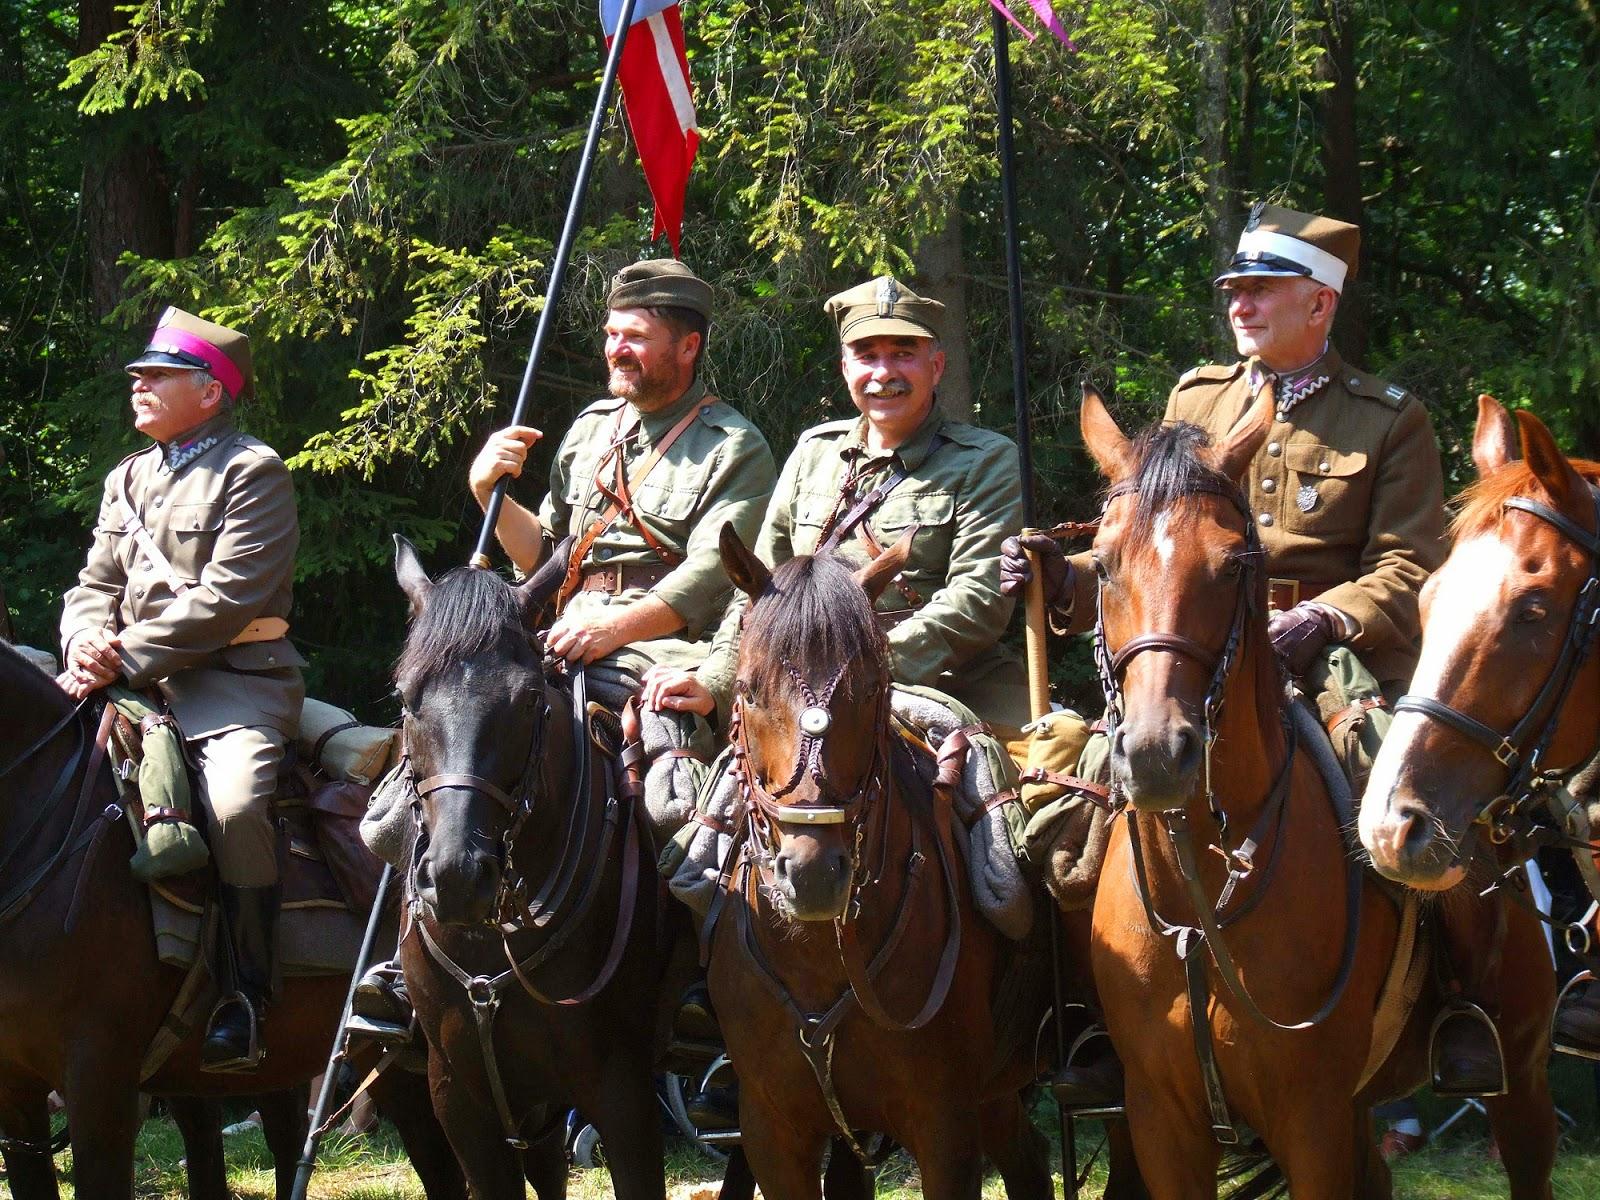 Szwadron 11. Pułku Ułanów Legionowych z Radomia. Foto. Jacek Lombarski.